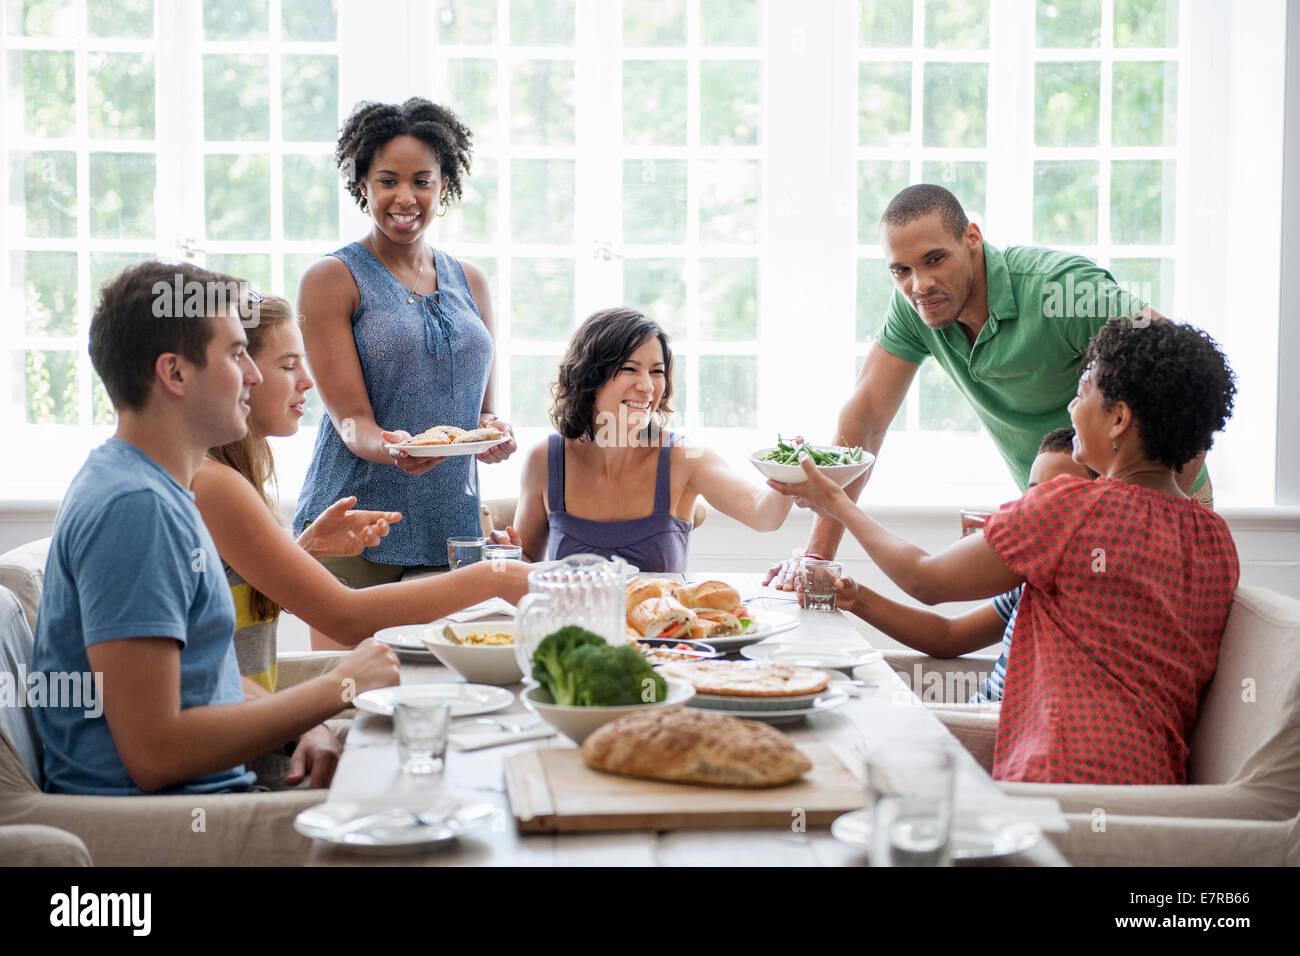 Una Reunión Familiar Para Una Comida Adultos Y Niños Alrededor De